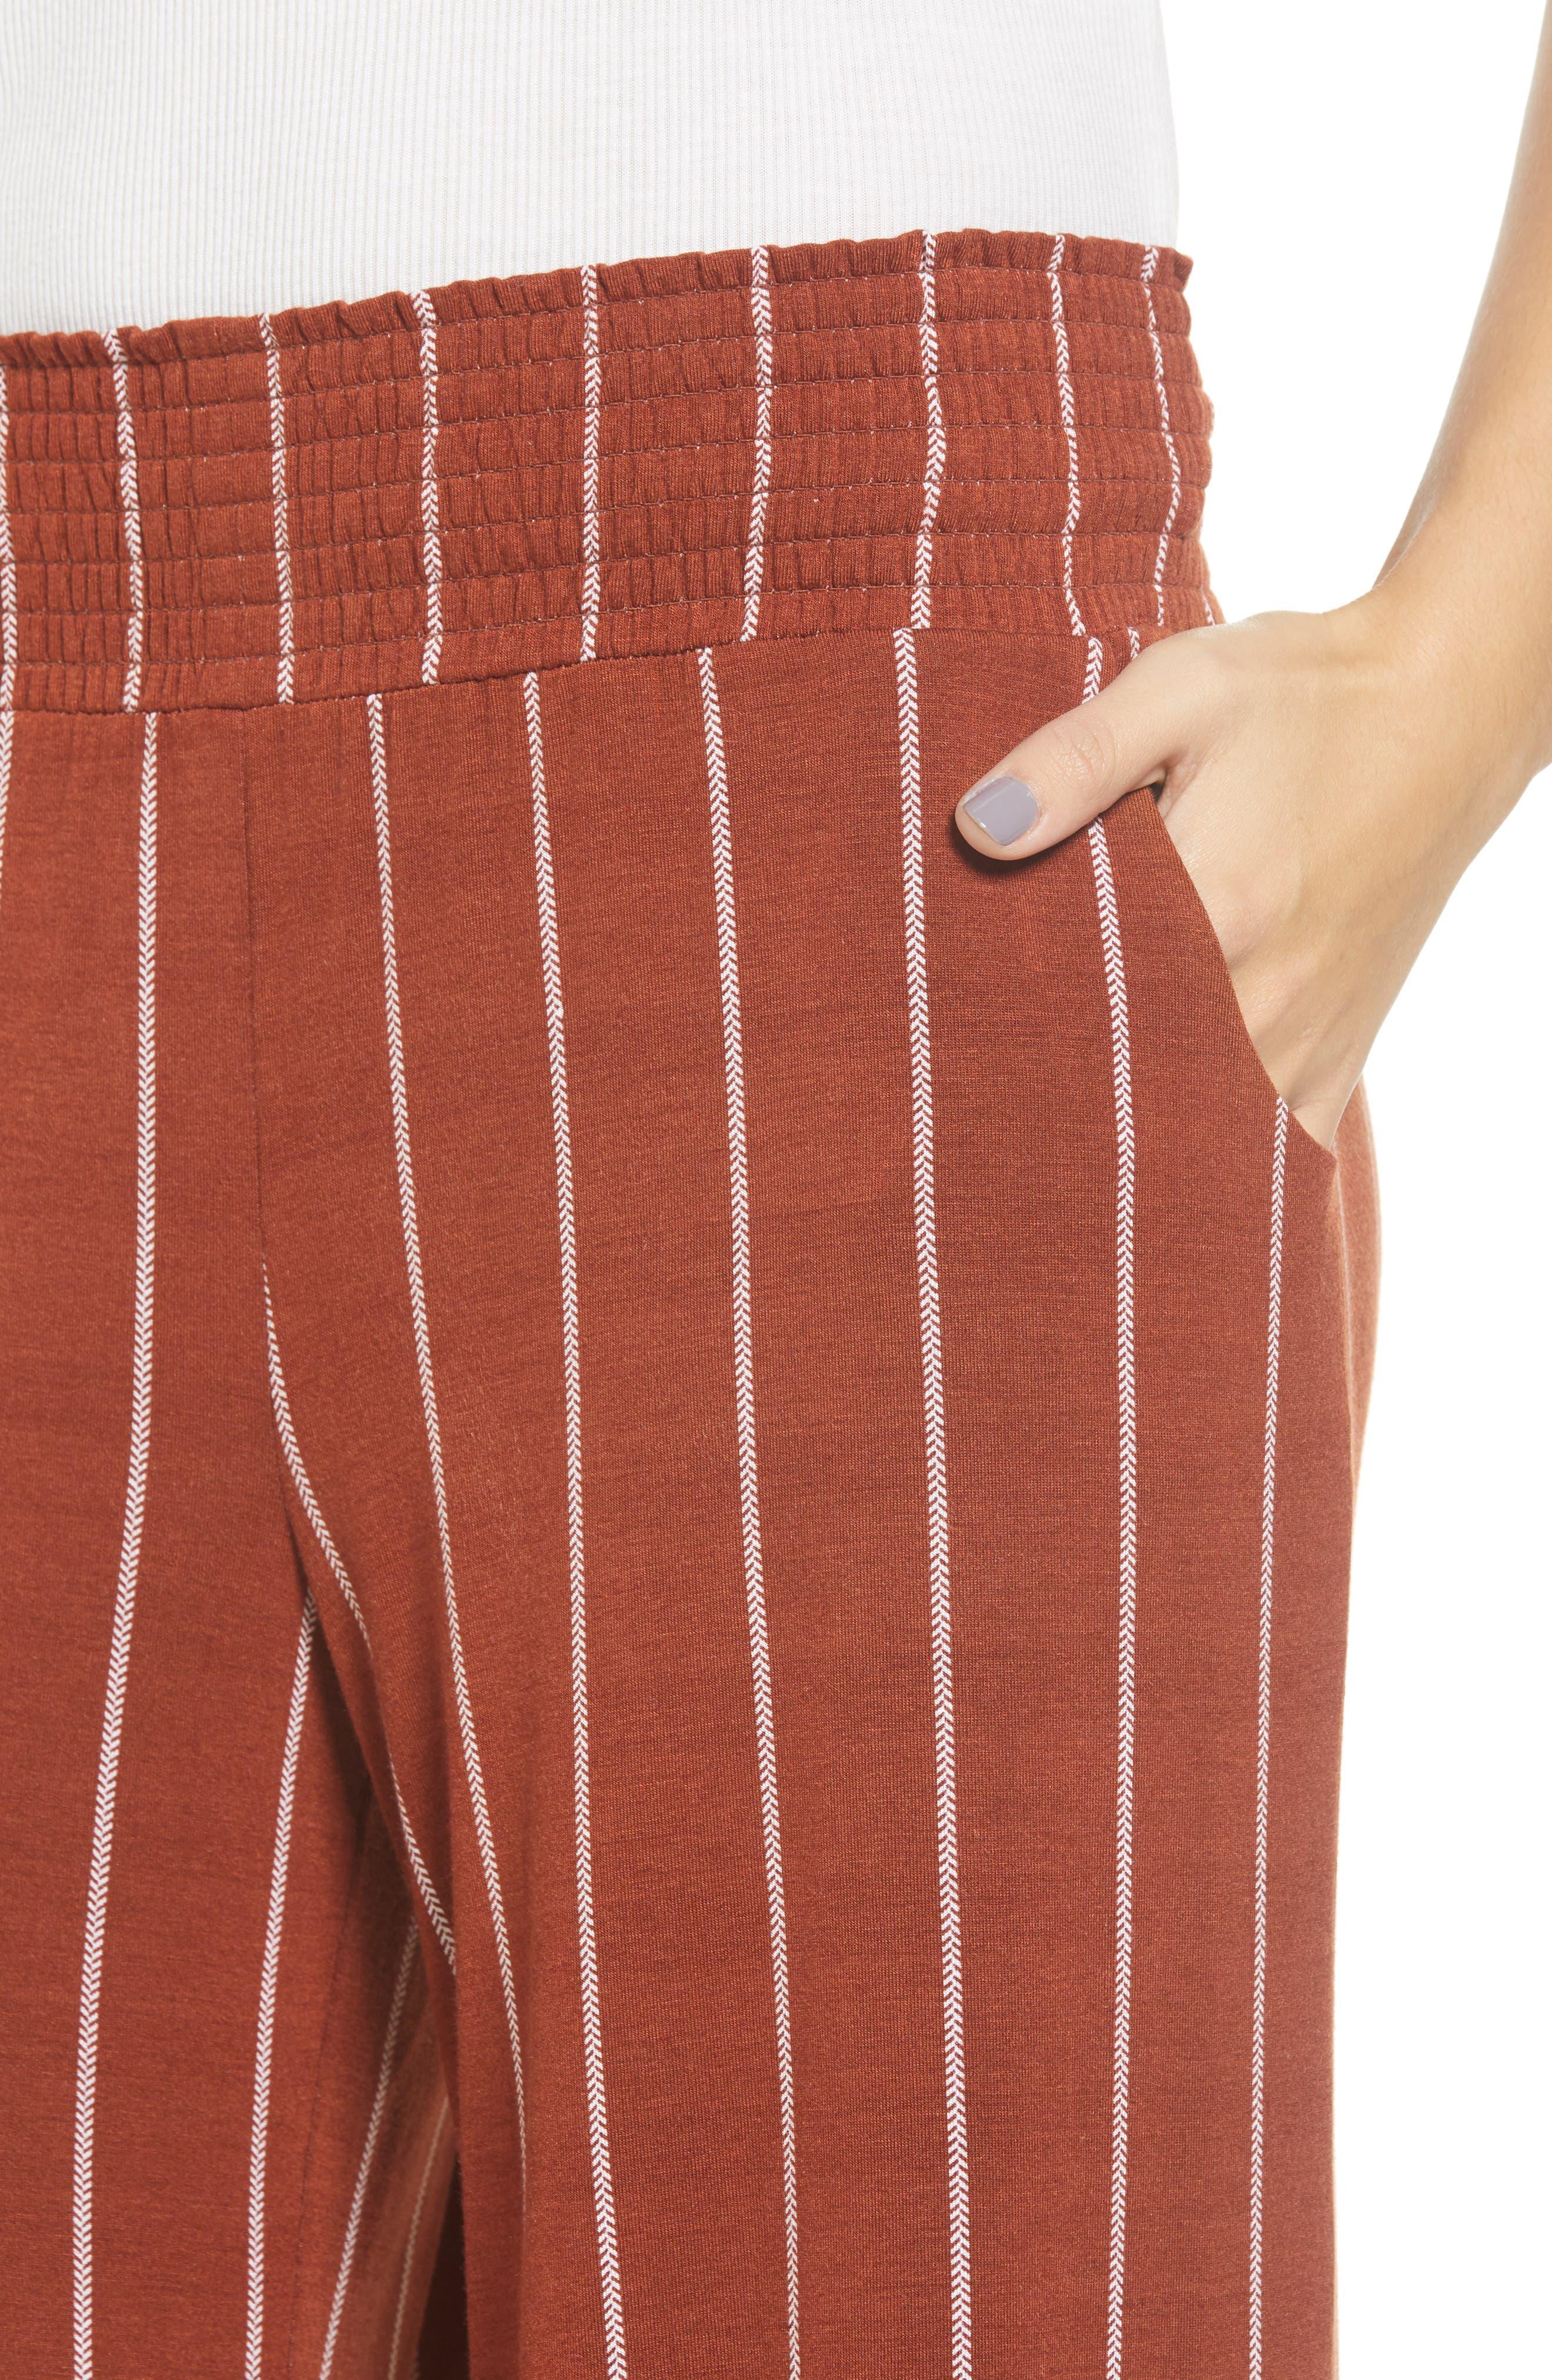 Stripe Knit Wide Leg Pants,                             Alternate thumbnail 4, color,                             SEQUOIA